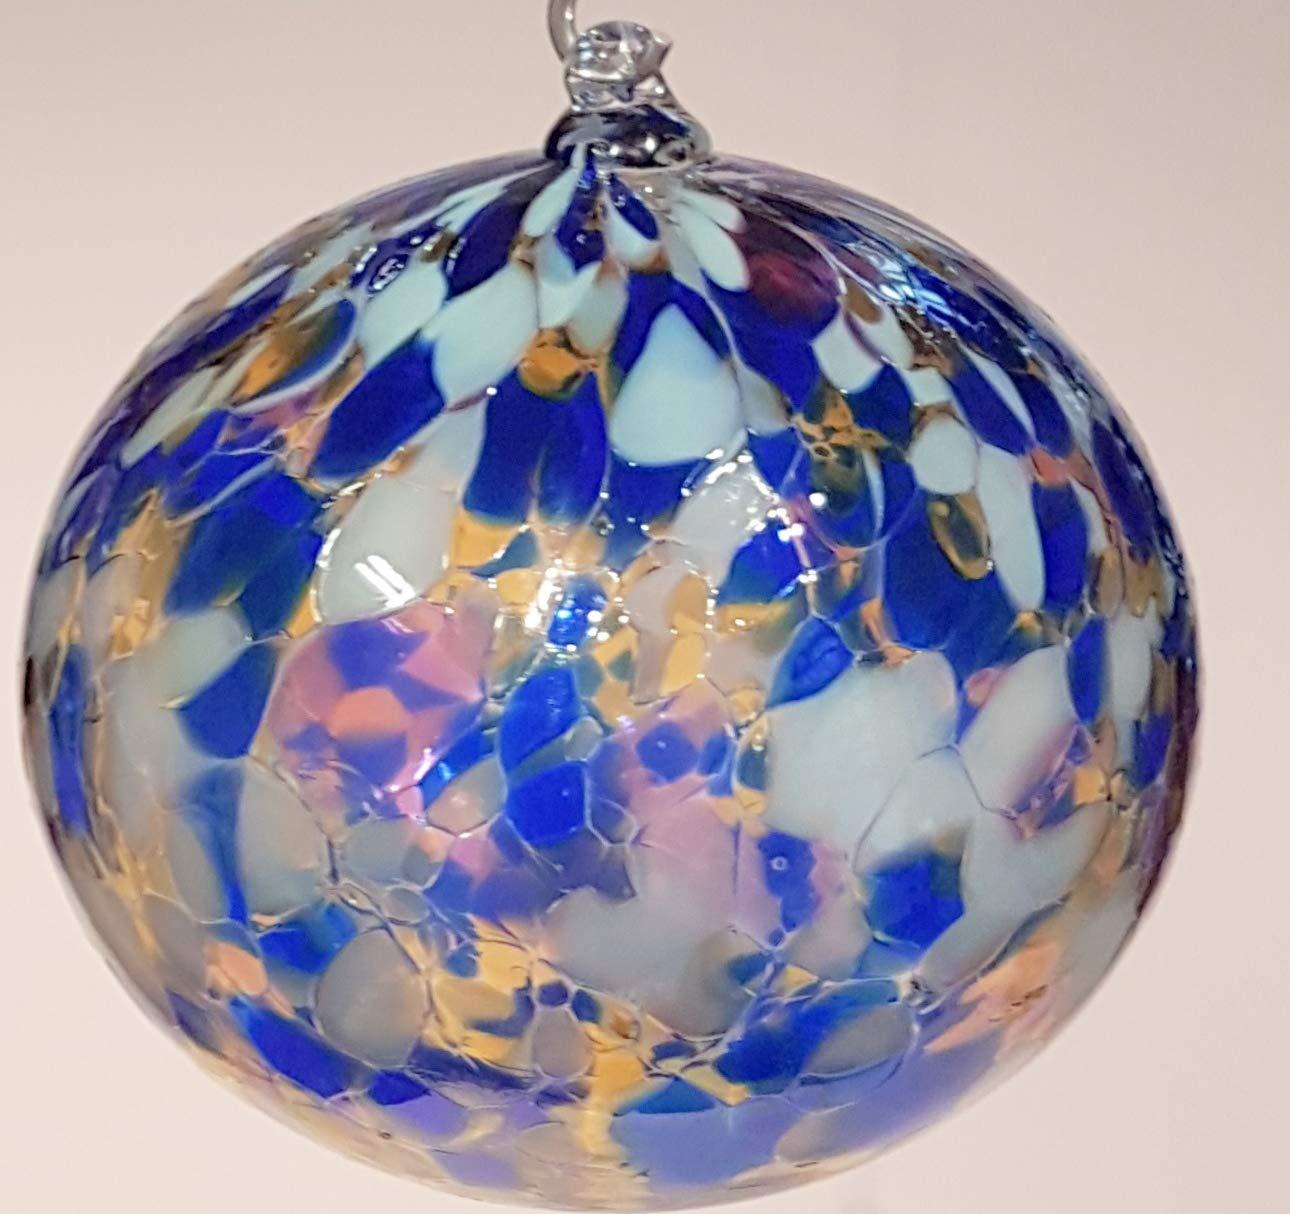 Oberstdorfer-Glashtte-Kugel-zum-hngen-Bunte-Glaskugel-Ornament-blau-bunt-Fensterdekoration-mundgeblasenes-Kristallglas-Durchmesser-ca9-cm